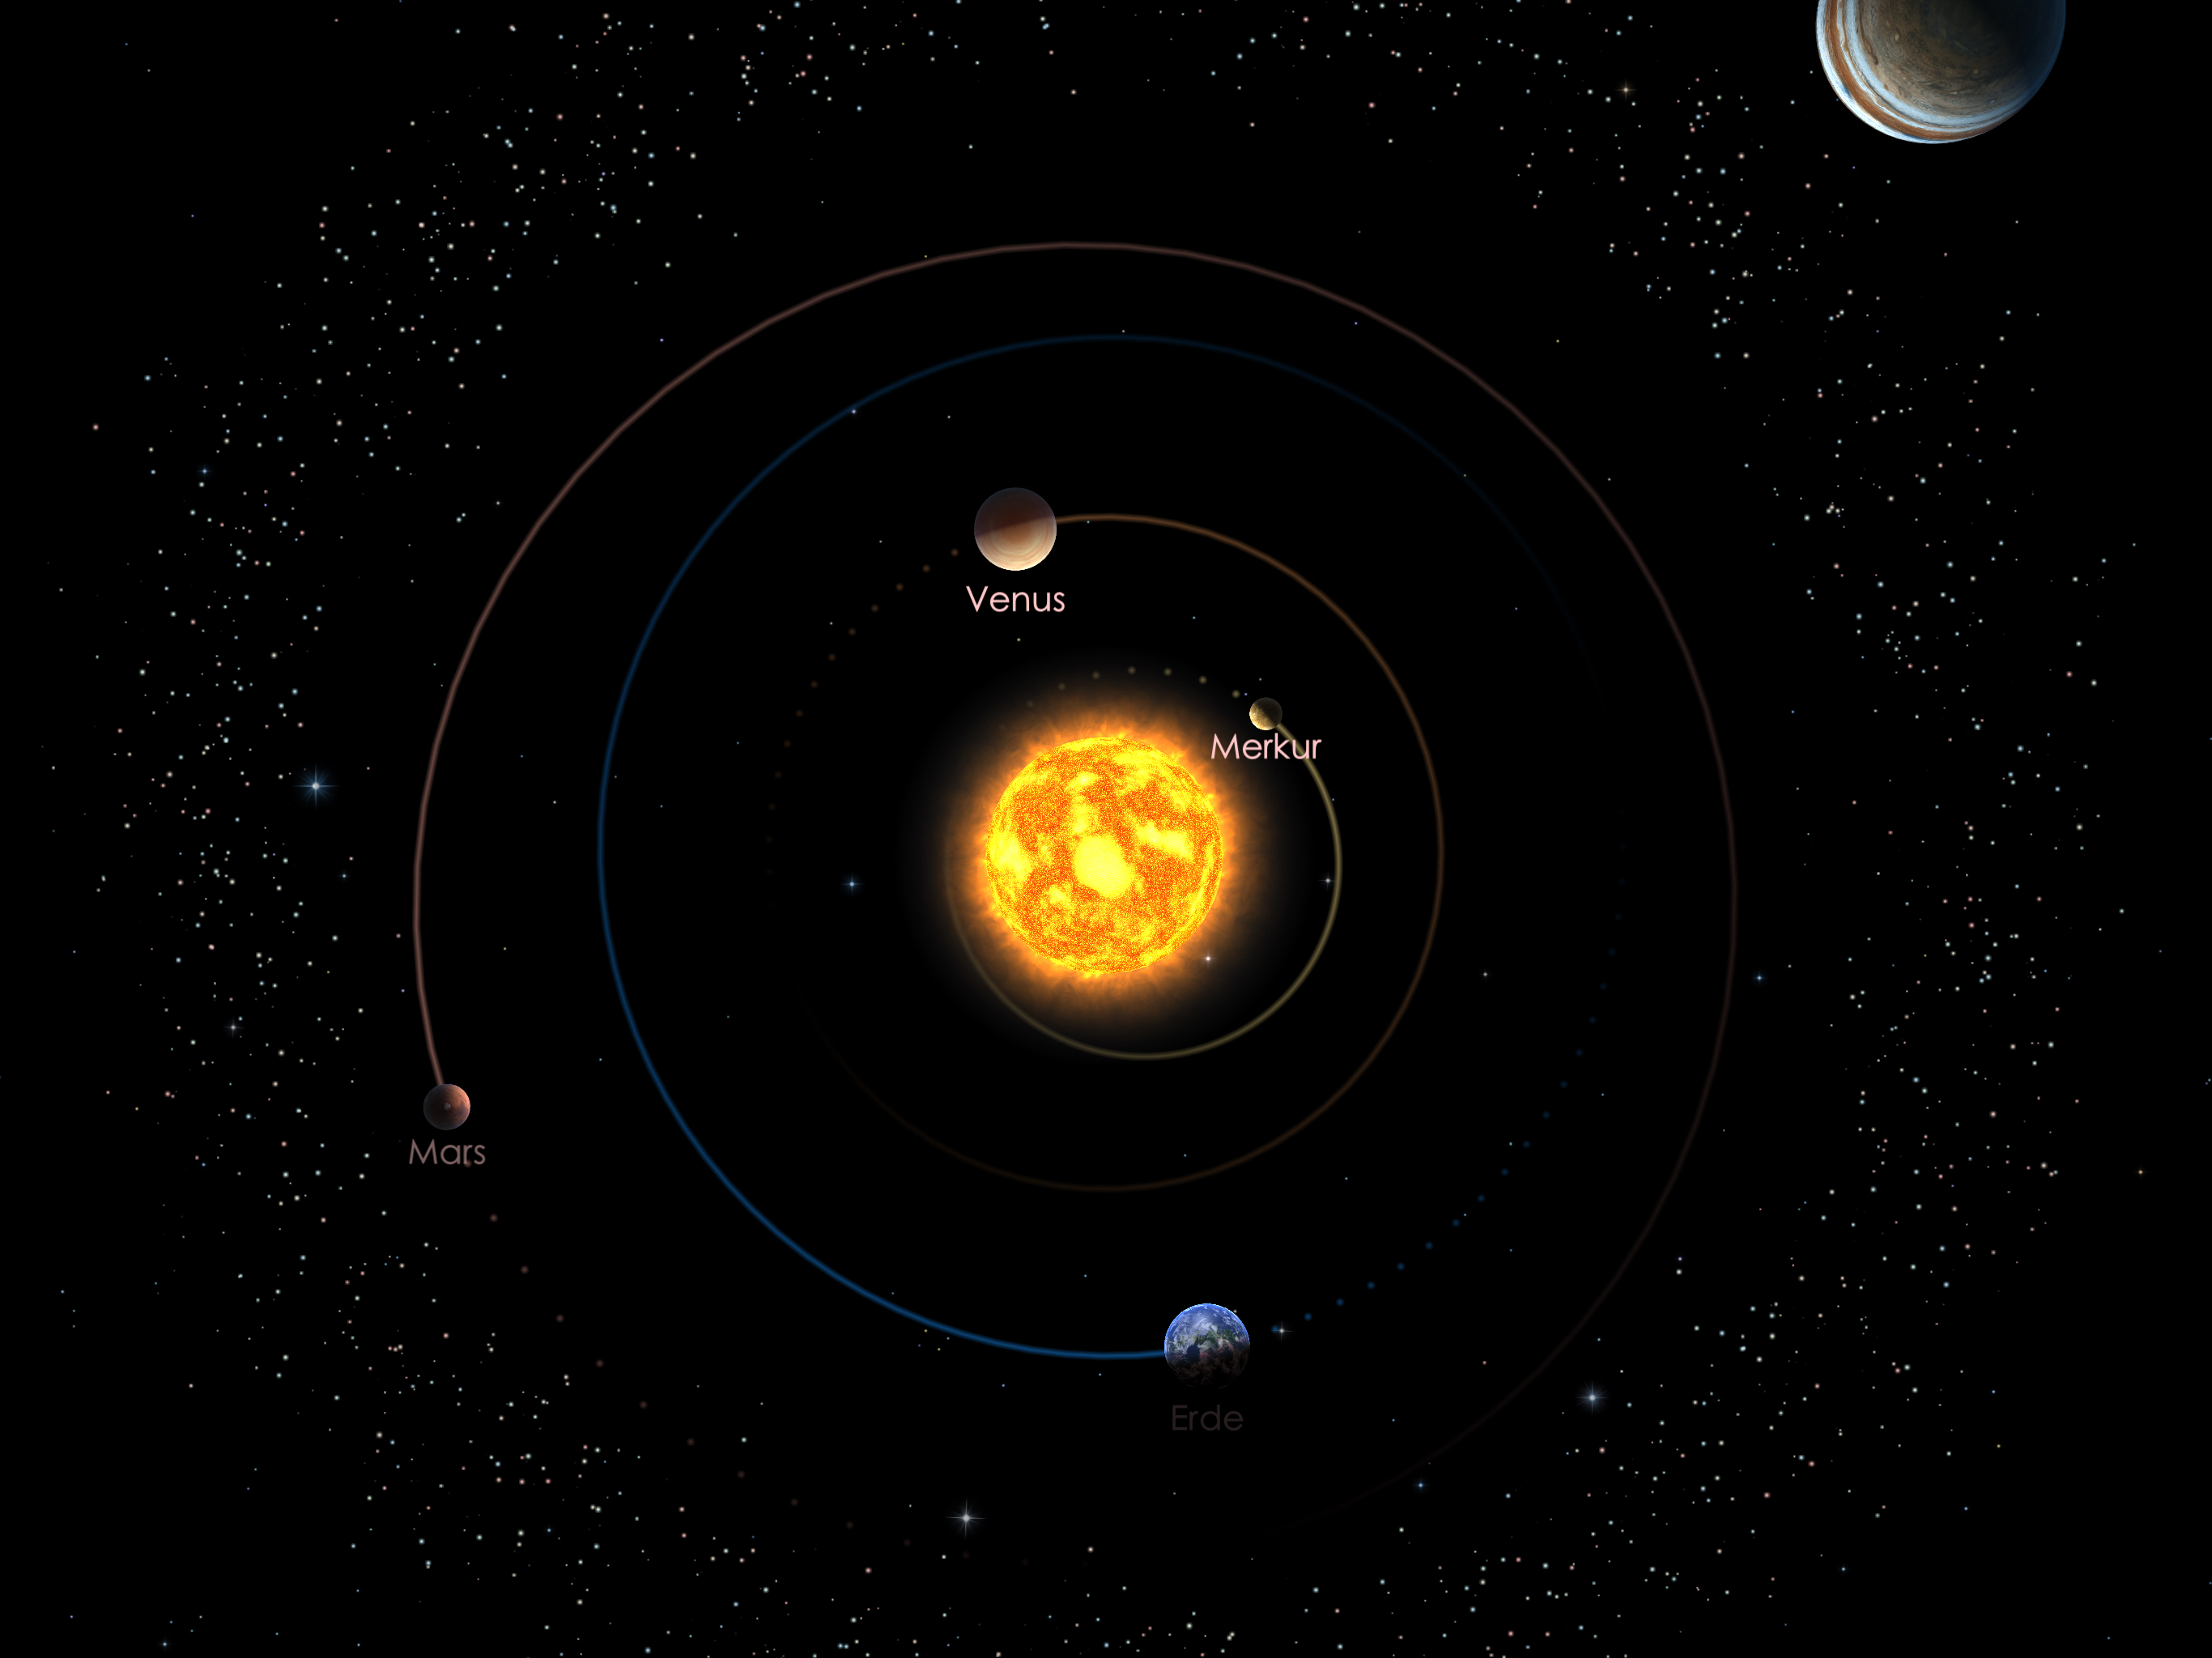 Die Positionen der inneren Planeten am 01.04.21